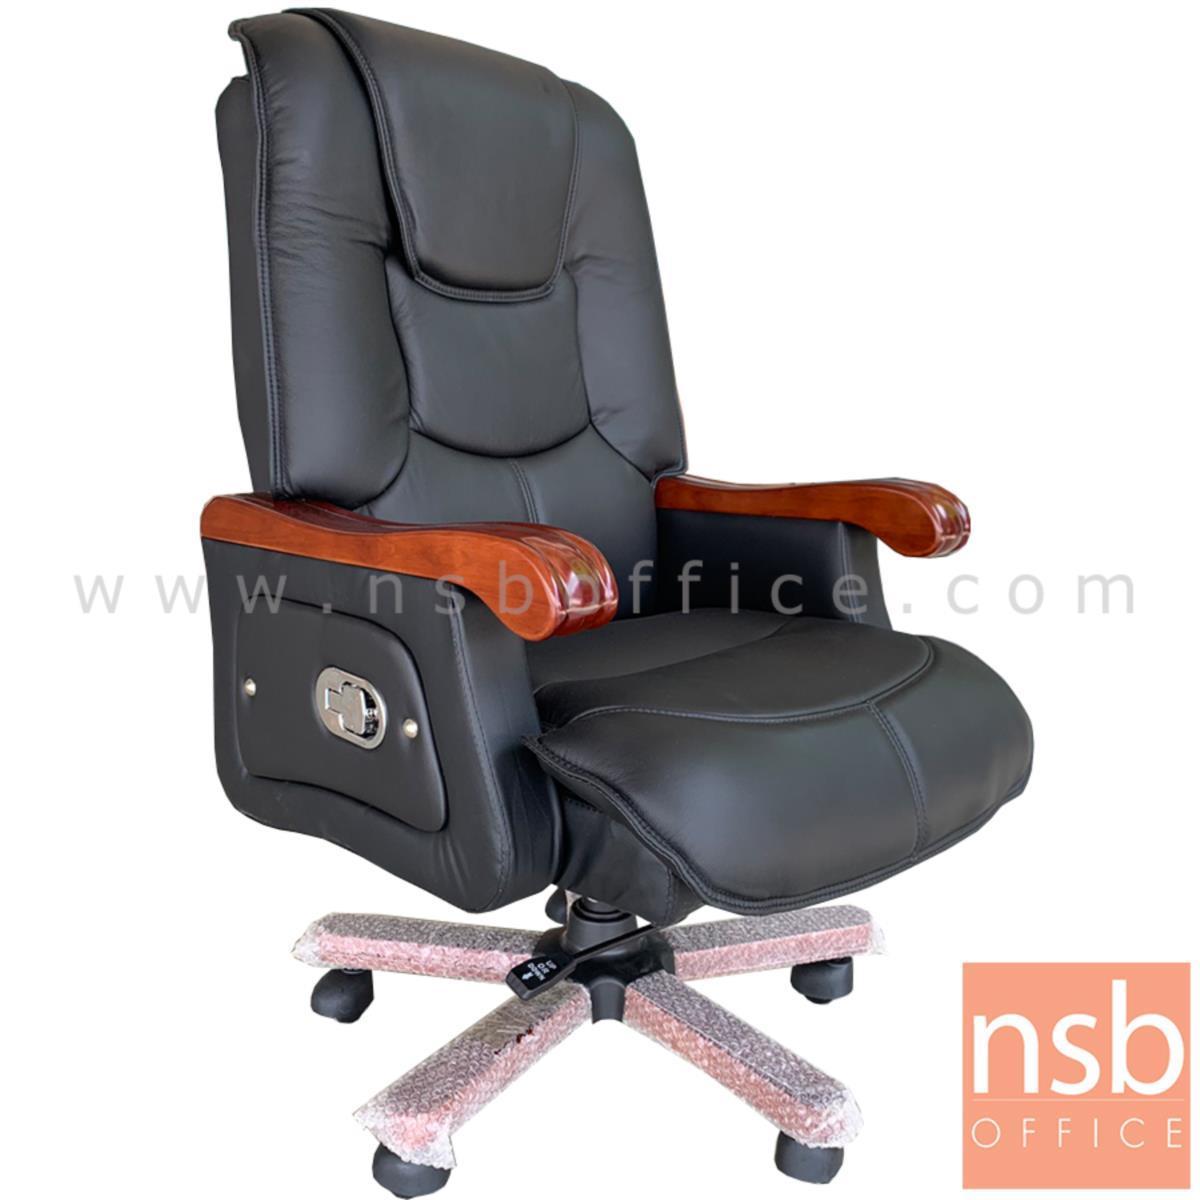 B25A152:เก้าอี้ผู้บริหารหนัง PU ปรับระดับการเอนได้ รุ่น Hath (แฮท)  แขน-ขาไม้